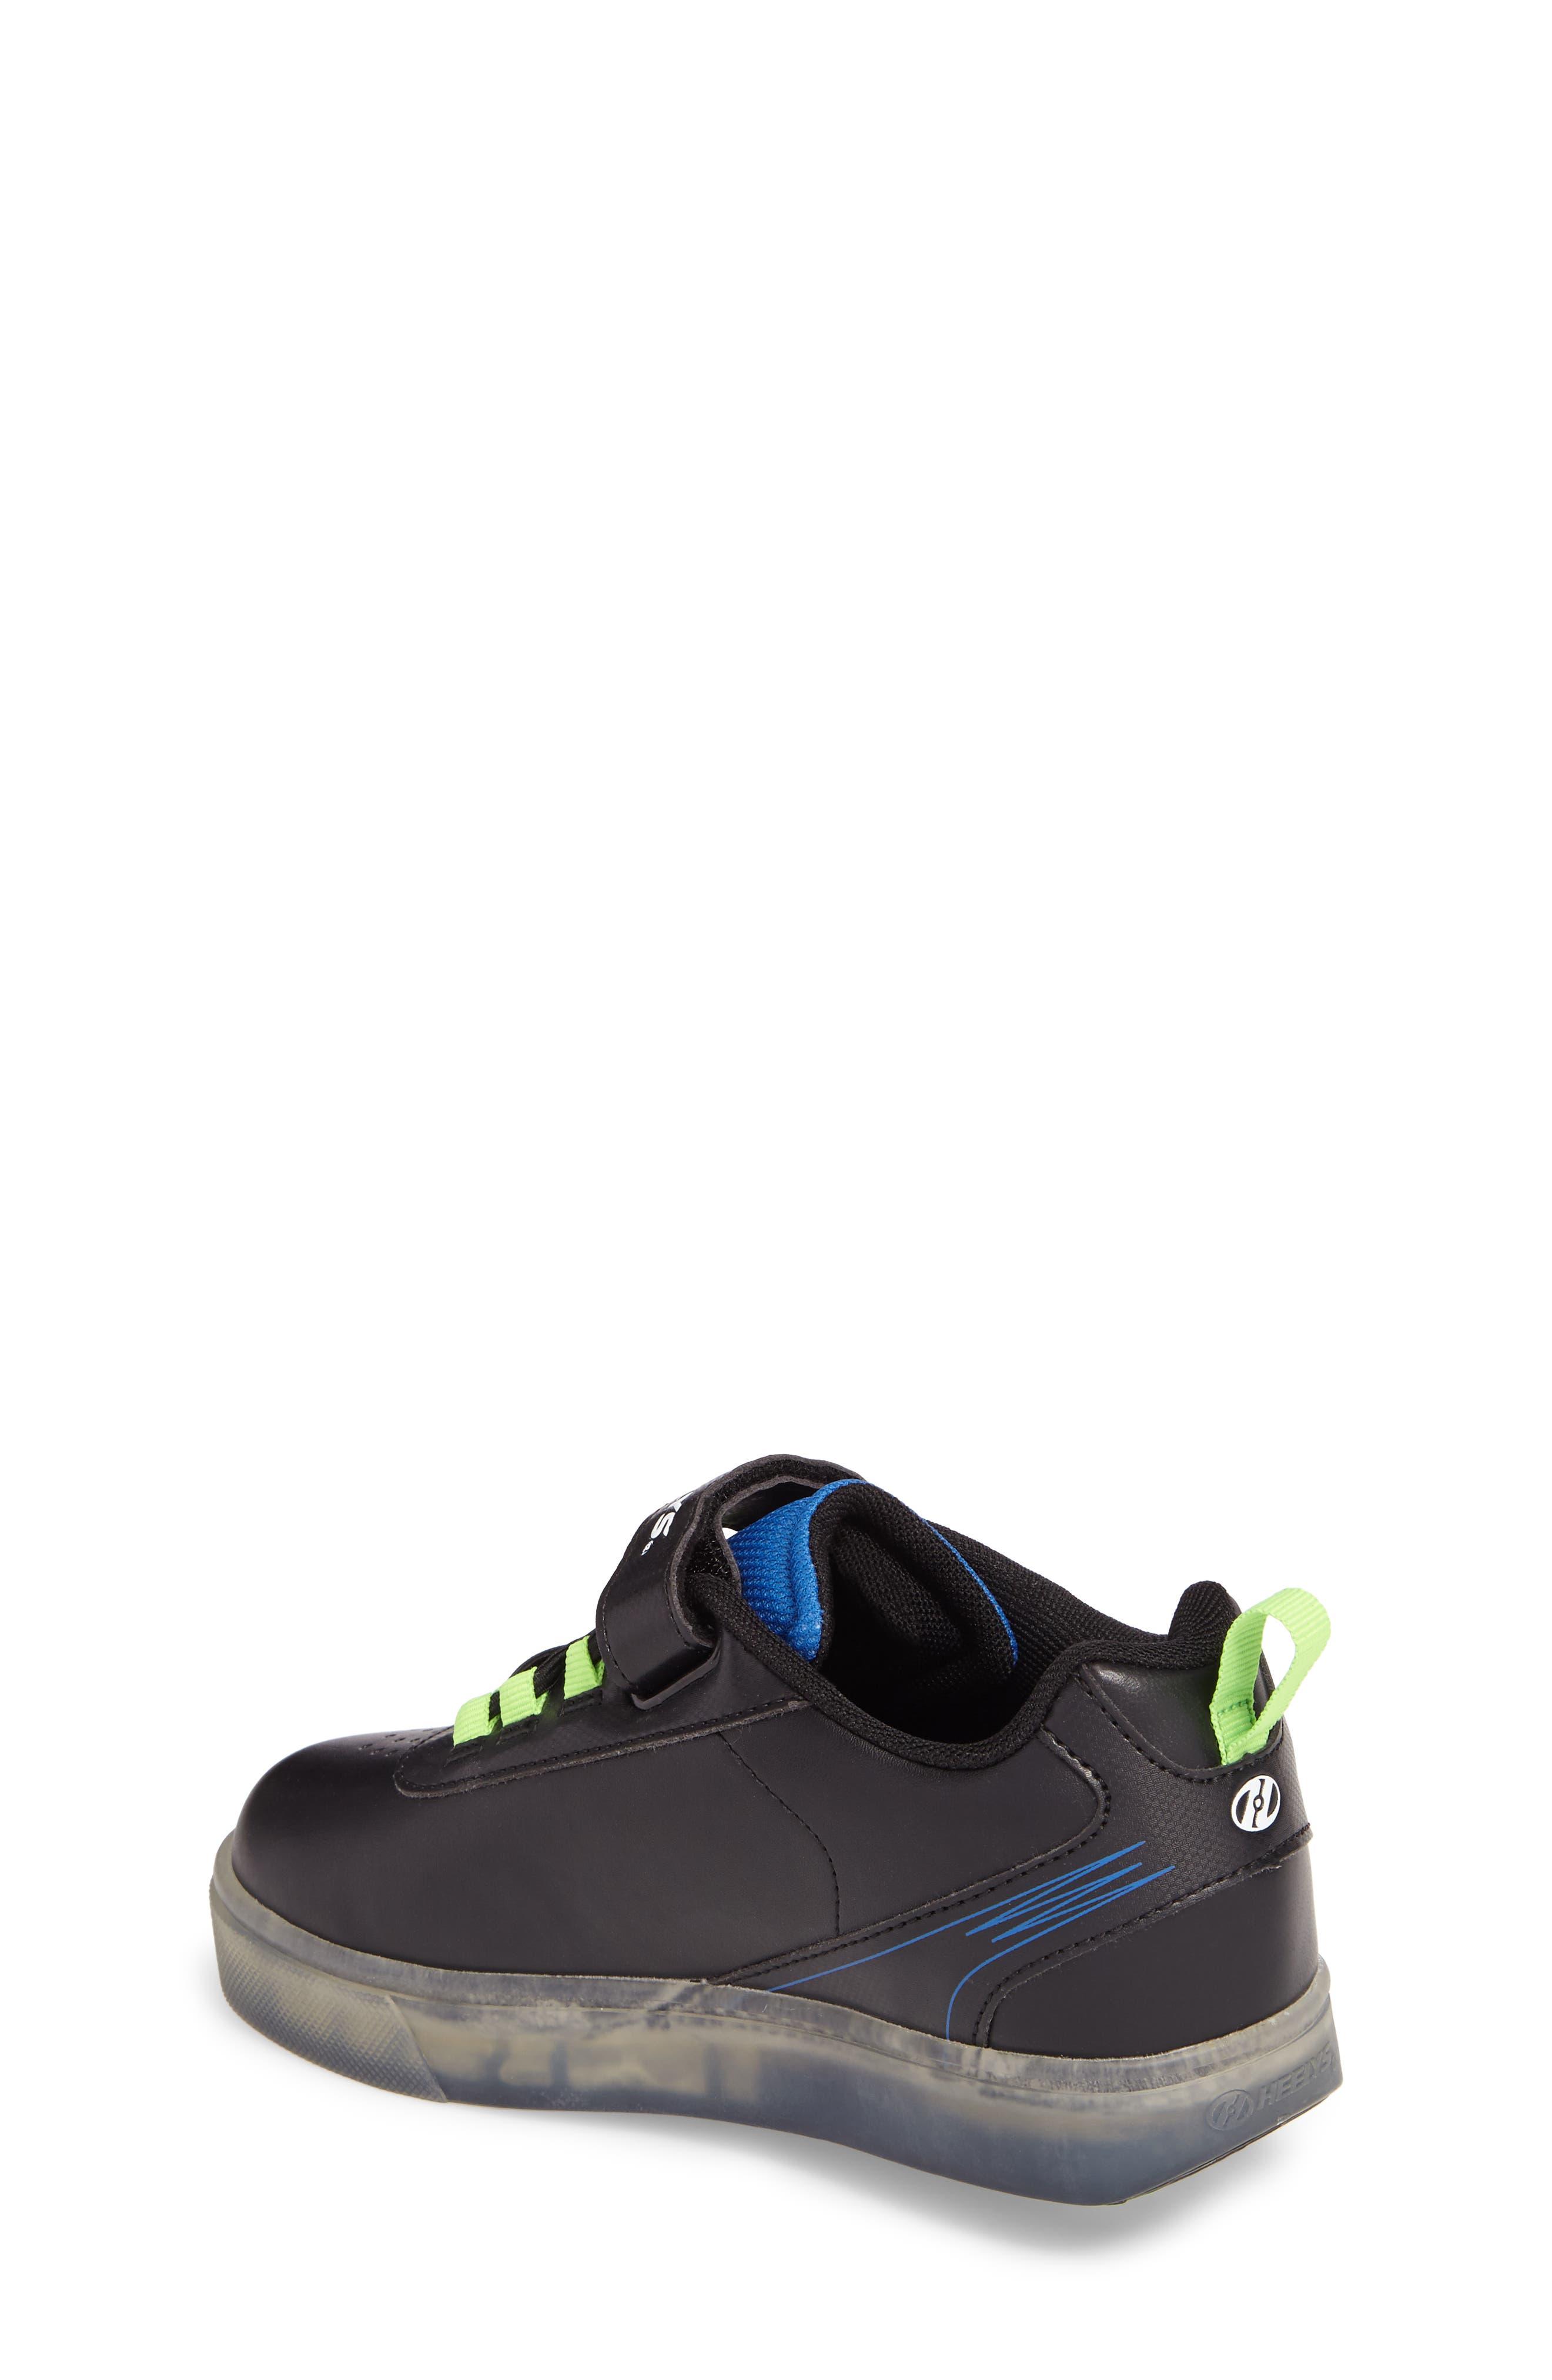 Pow X2 Light-Up Wheeled Skate Sneaker,                             Alternate thumbnail 2, color,                             Black/ Blue/ Green